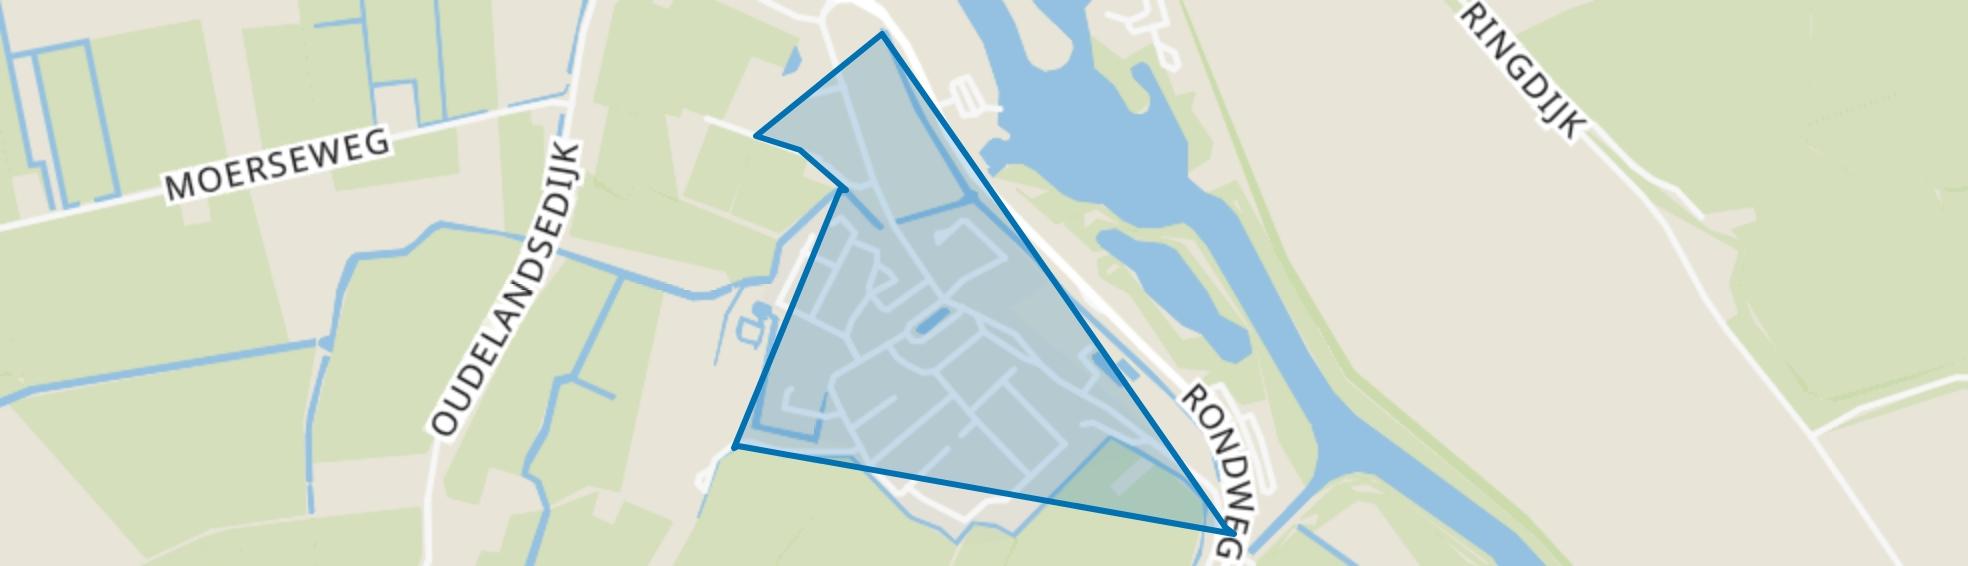 Kern Abbenbroek, Abbenbroek map